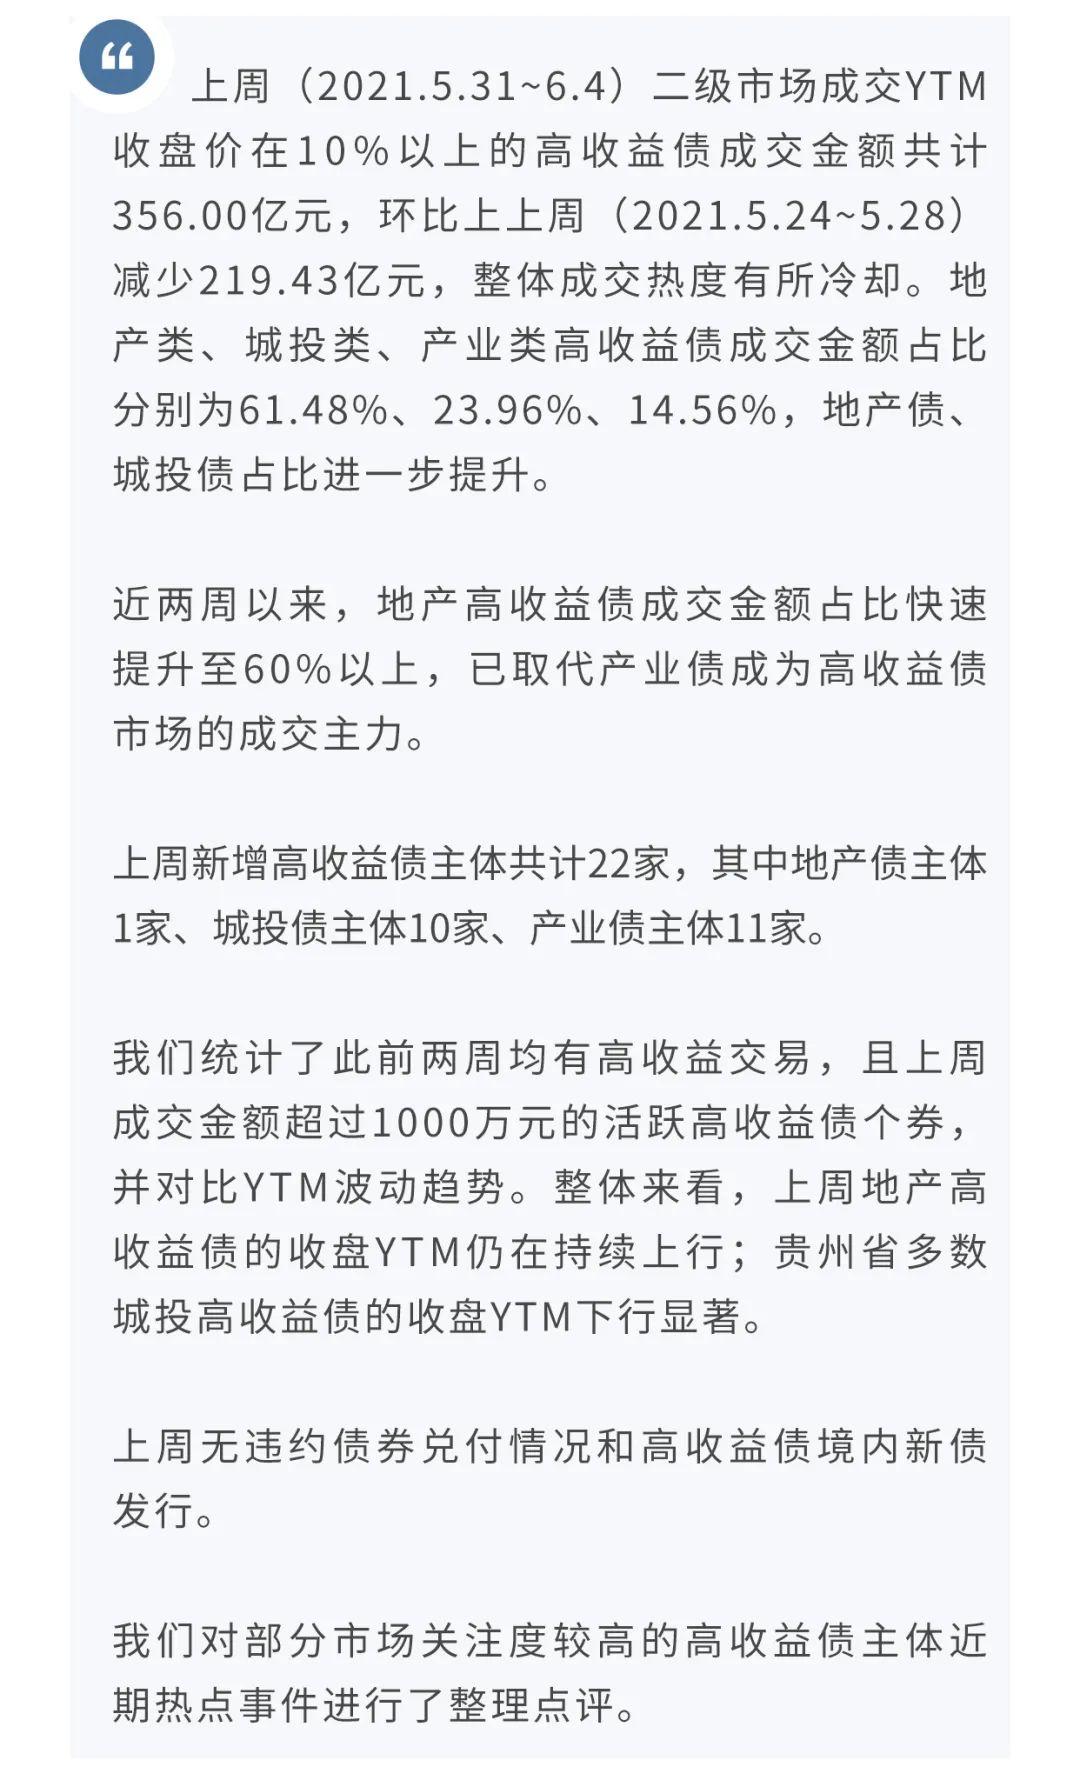 【信用】高收益债周报第24期:地产债成为高收益债成交主力,收益率仍在持续上行